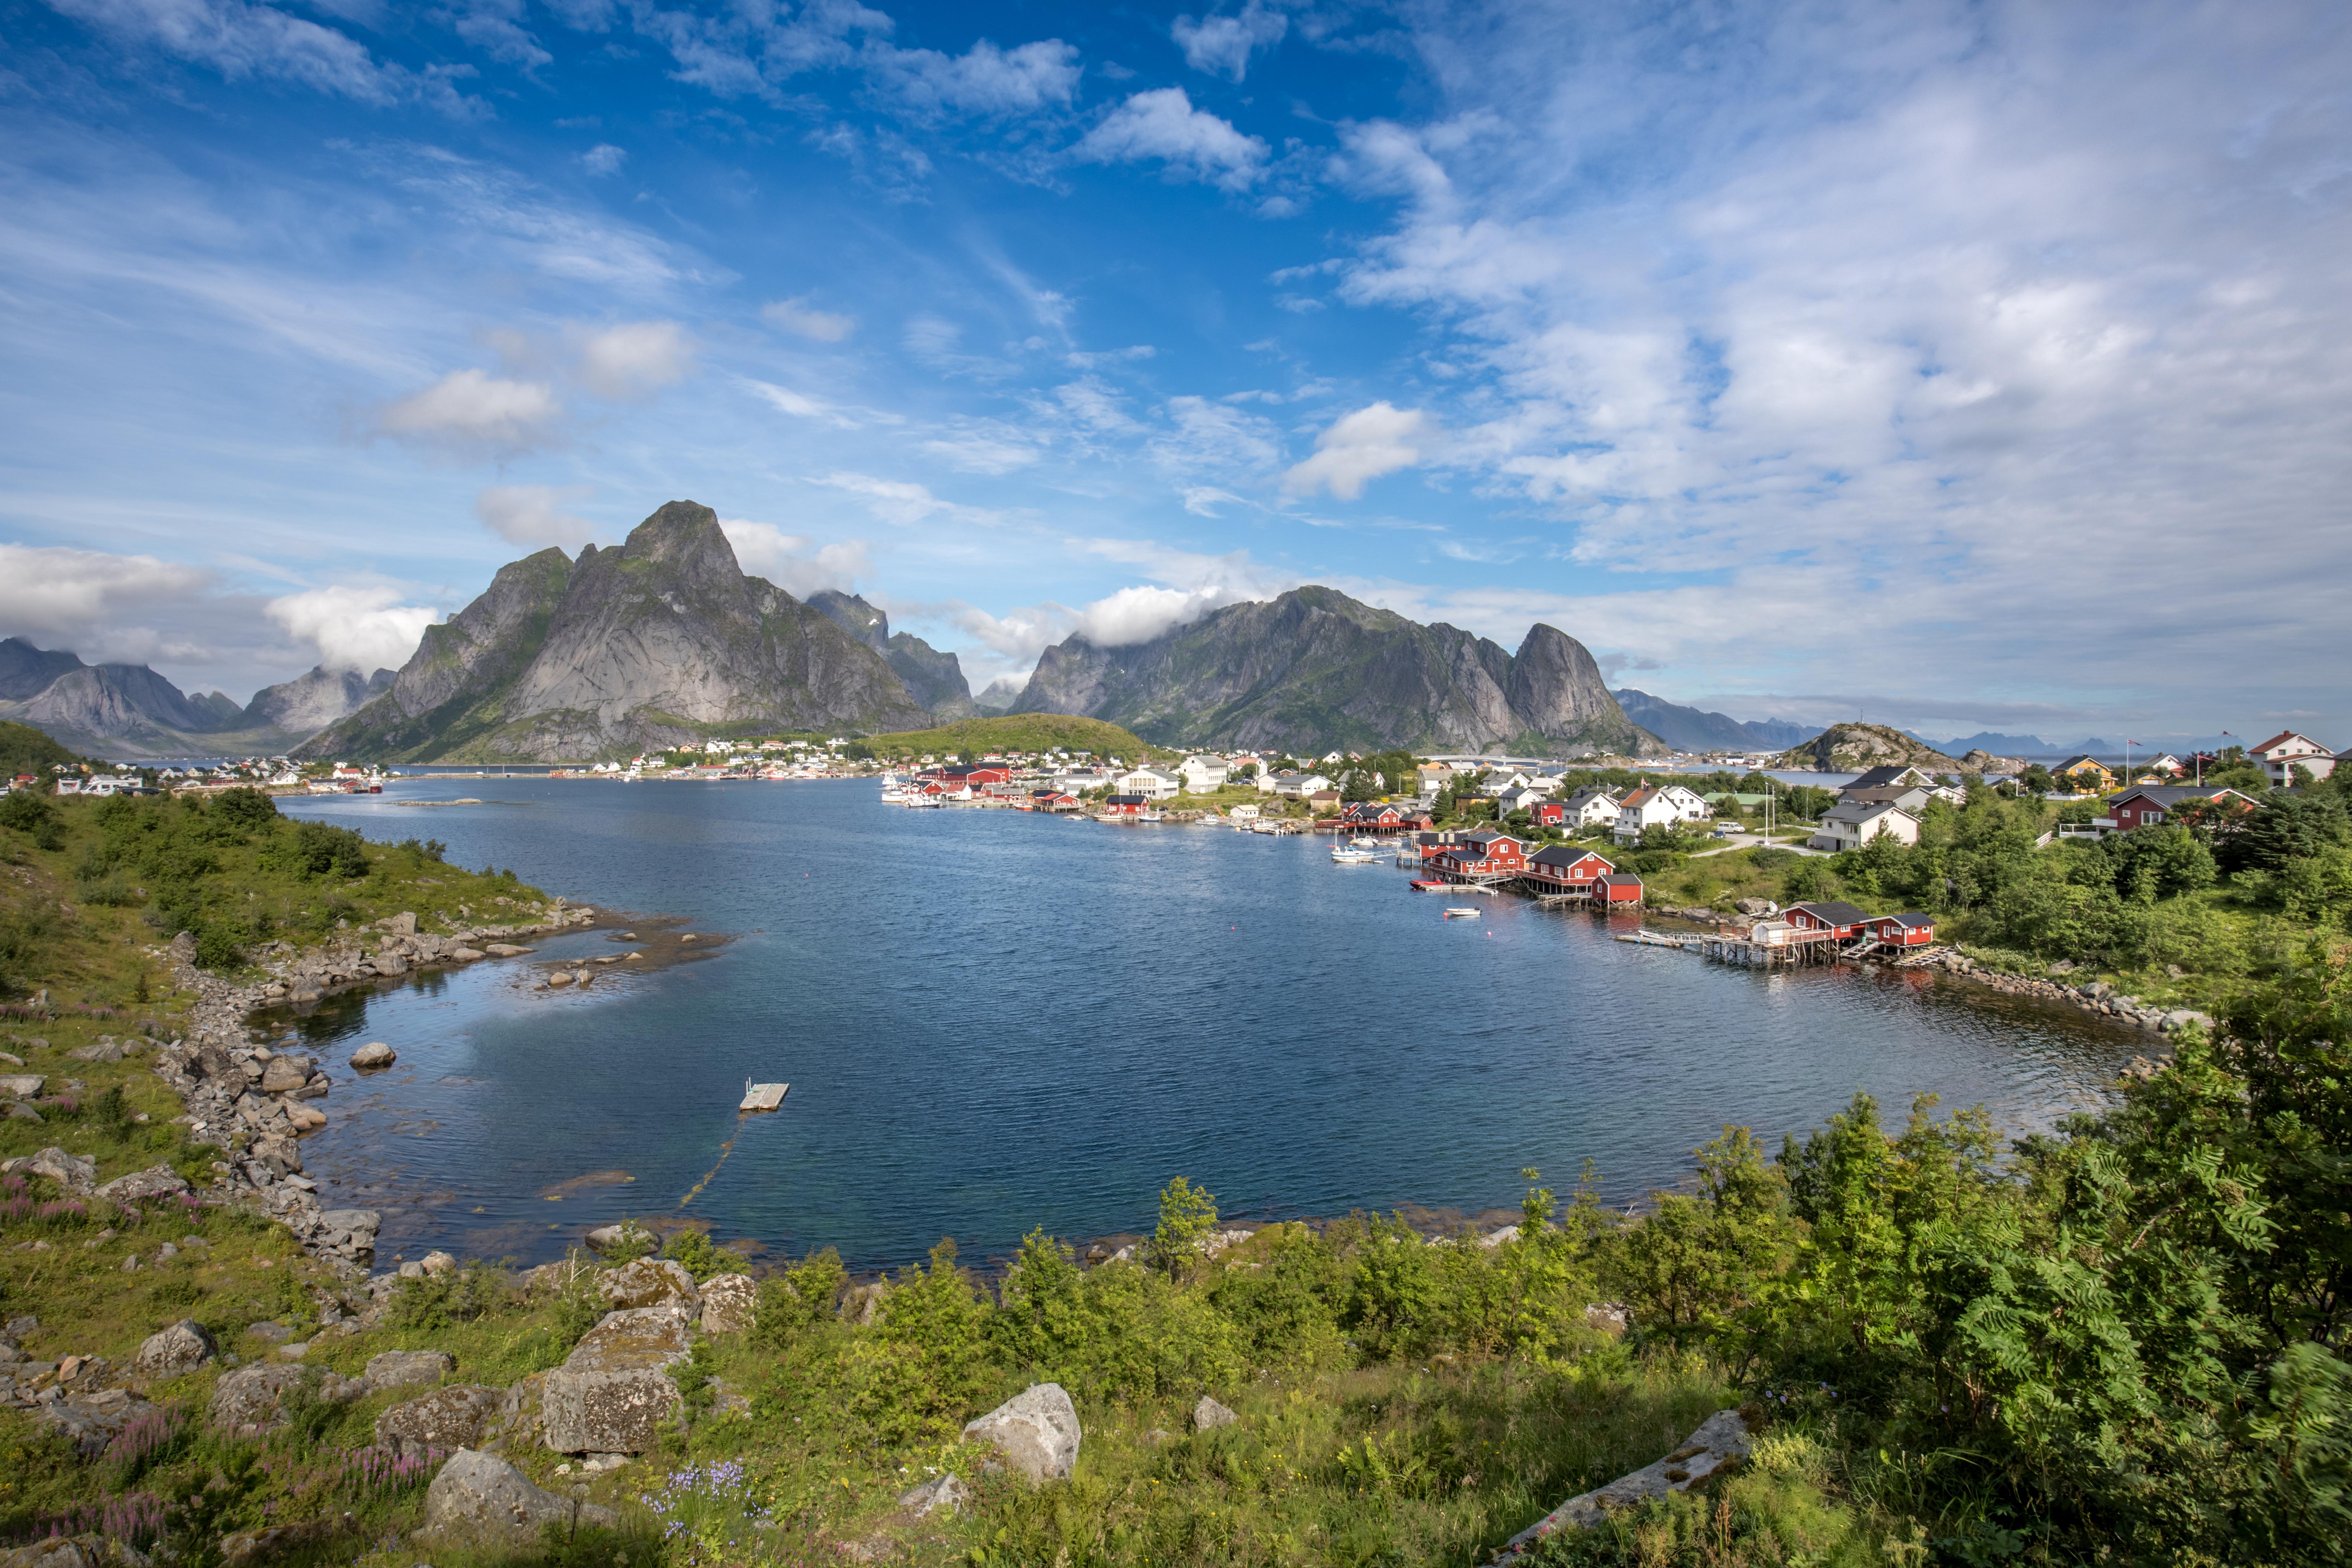 Reisebericht: Die Lofoten im Sommer mit dem Hurtigruten-Postschiff und per Automietung